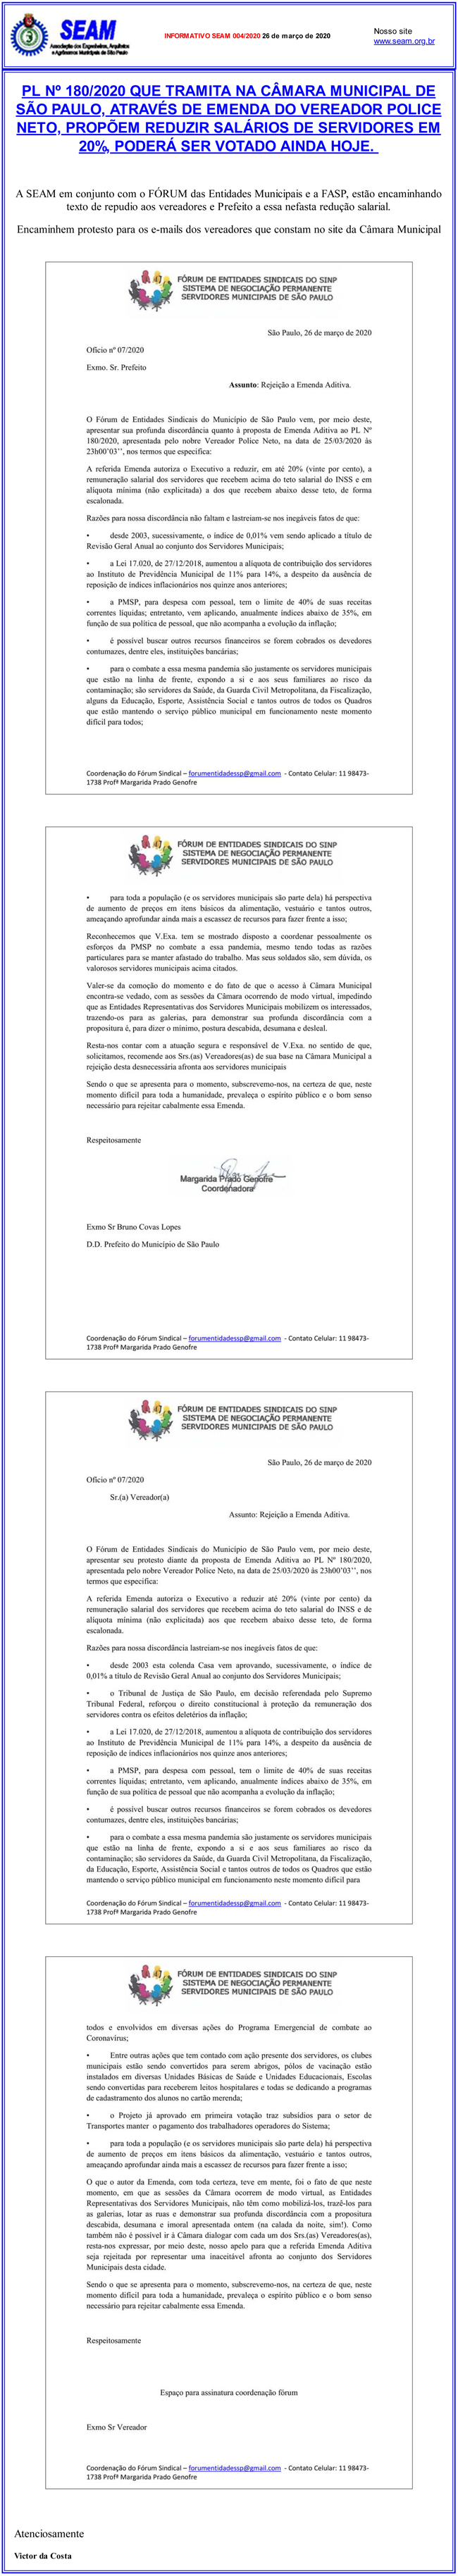 004 – PL Nº 180/2020 QUE TRAMITA NA CÂMARA MUNICIPAL DE SÃO PAULO, ATRAVÉS DE EMENDA DO VEREADOR POLICE NETO, PROPÕEM REDUZIR SALÁRIOS DE SERVIDORES EM 20%, PODERÁ SER VOTADO AINDA HOJE.